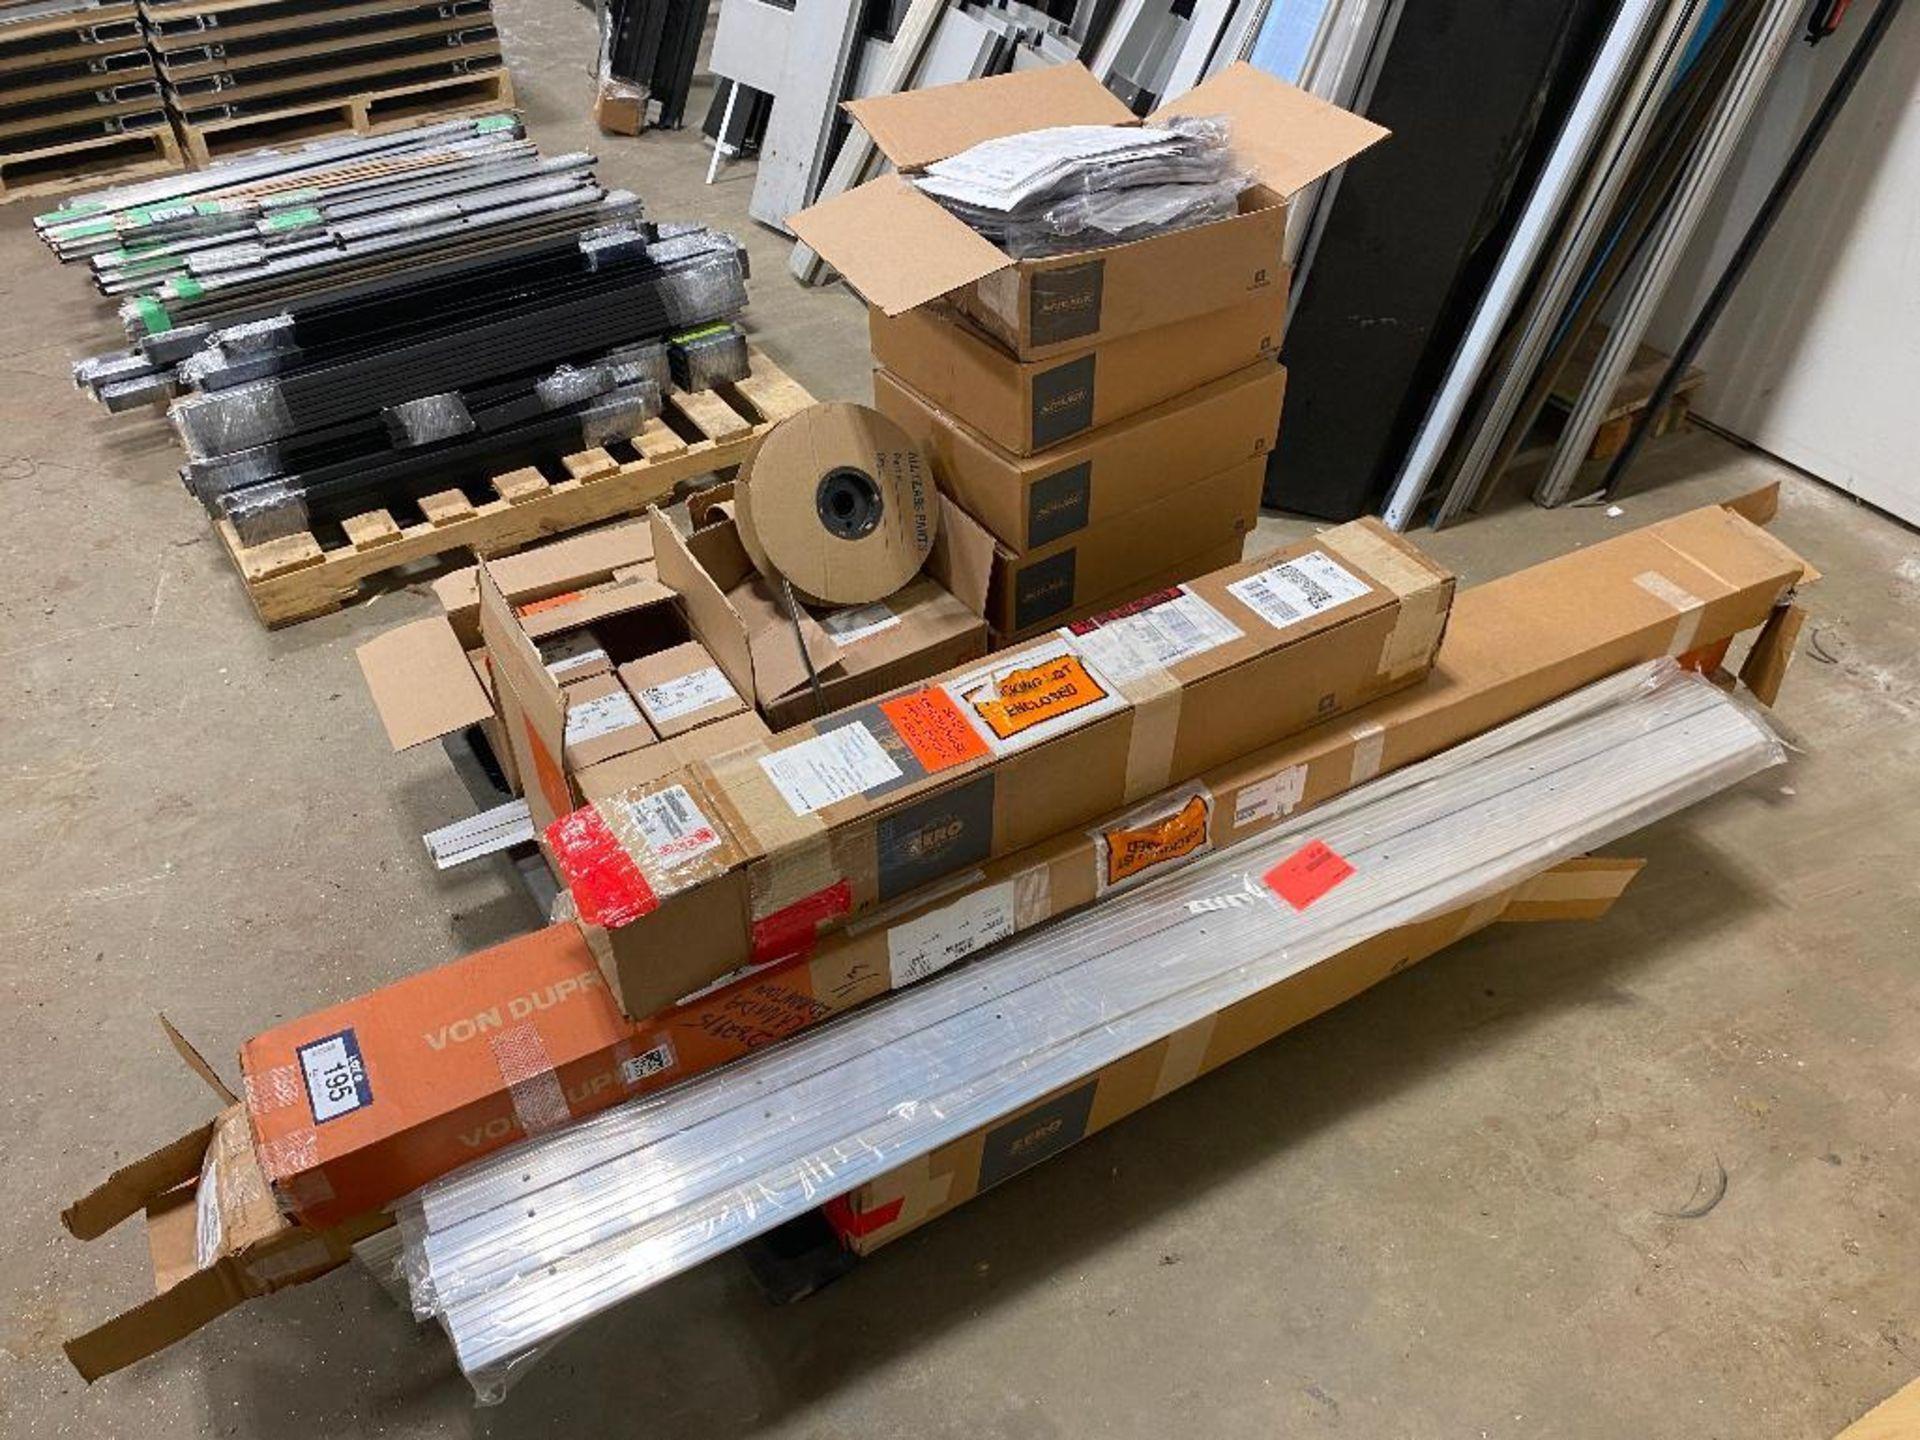 Pallet of Asst. Von Duprin Door Hardware, Thresholds, Schlage Power Supplys, etc. - Image 2 of 3